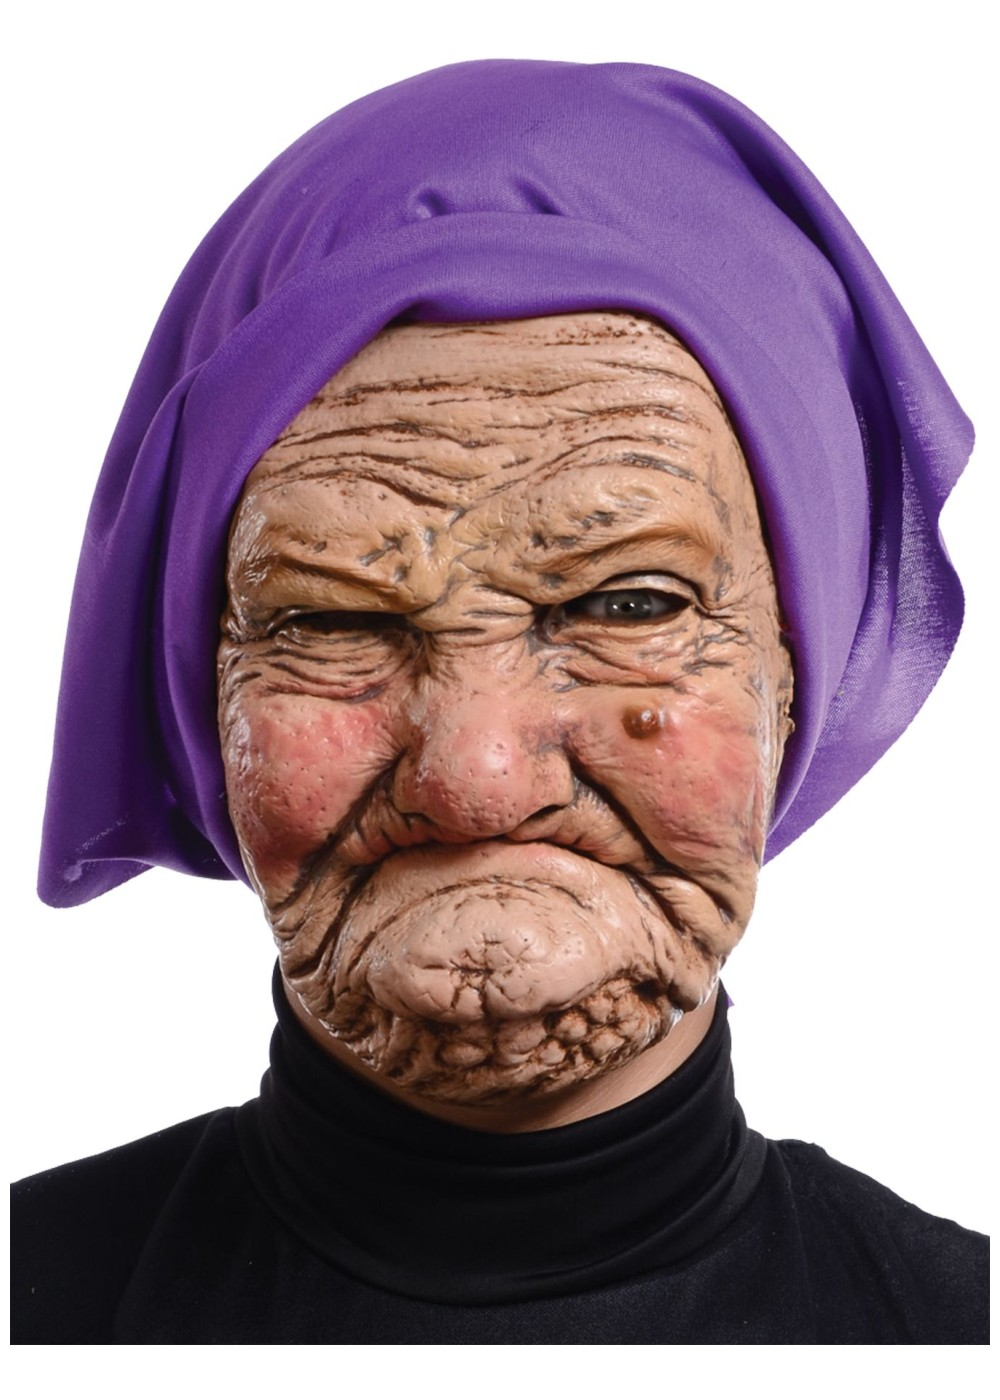 Old Granny Mask - Masks-9133